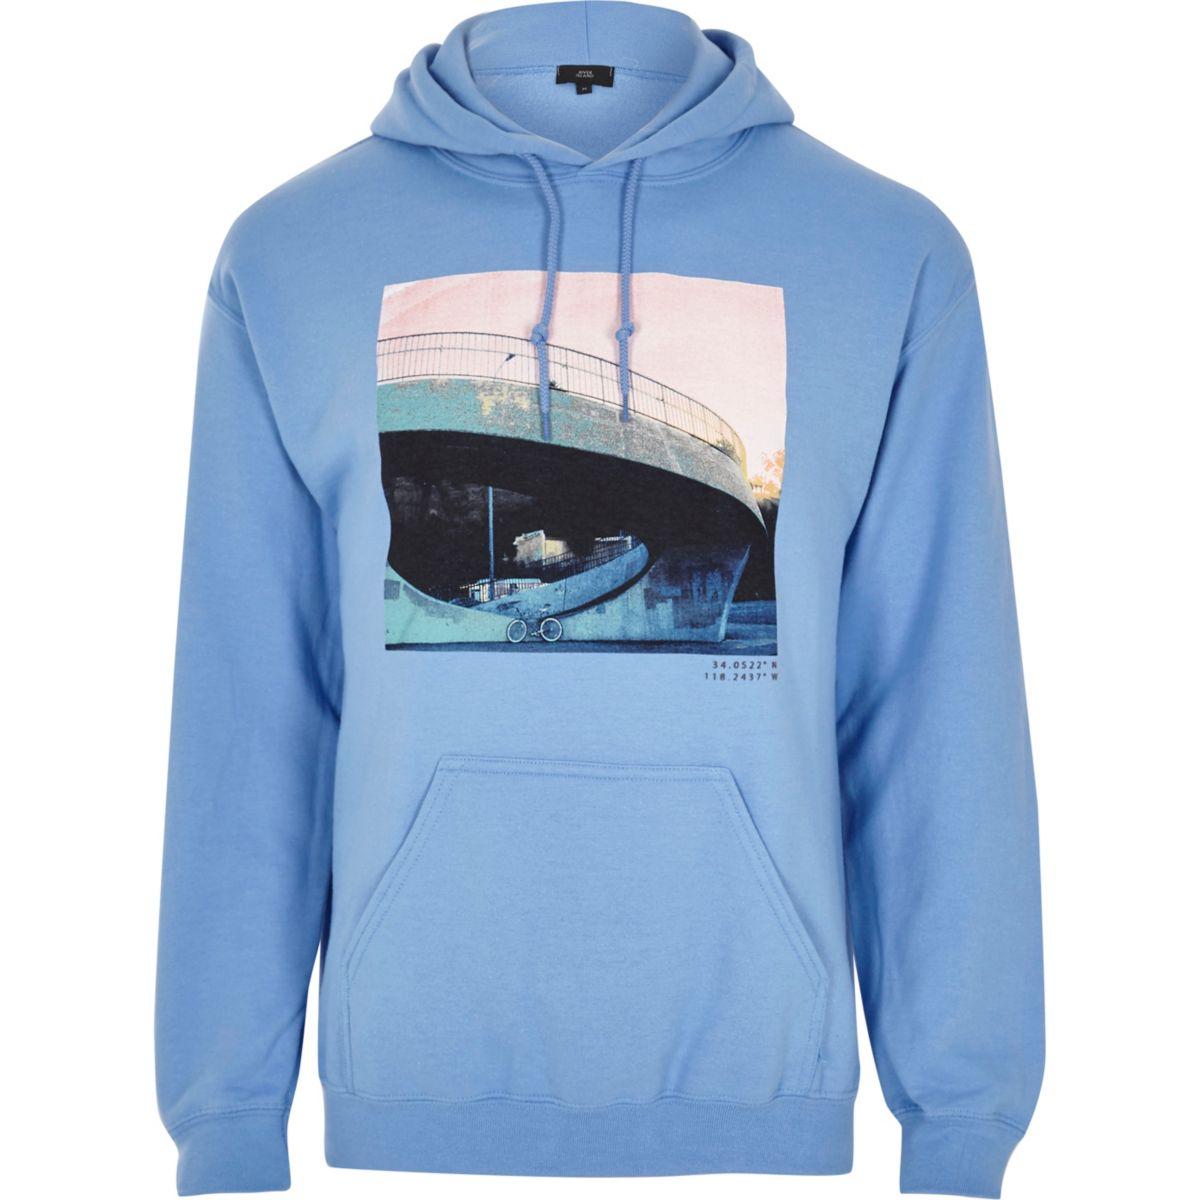 Blauwe hoodie met urban fotoprint